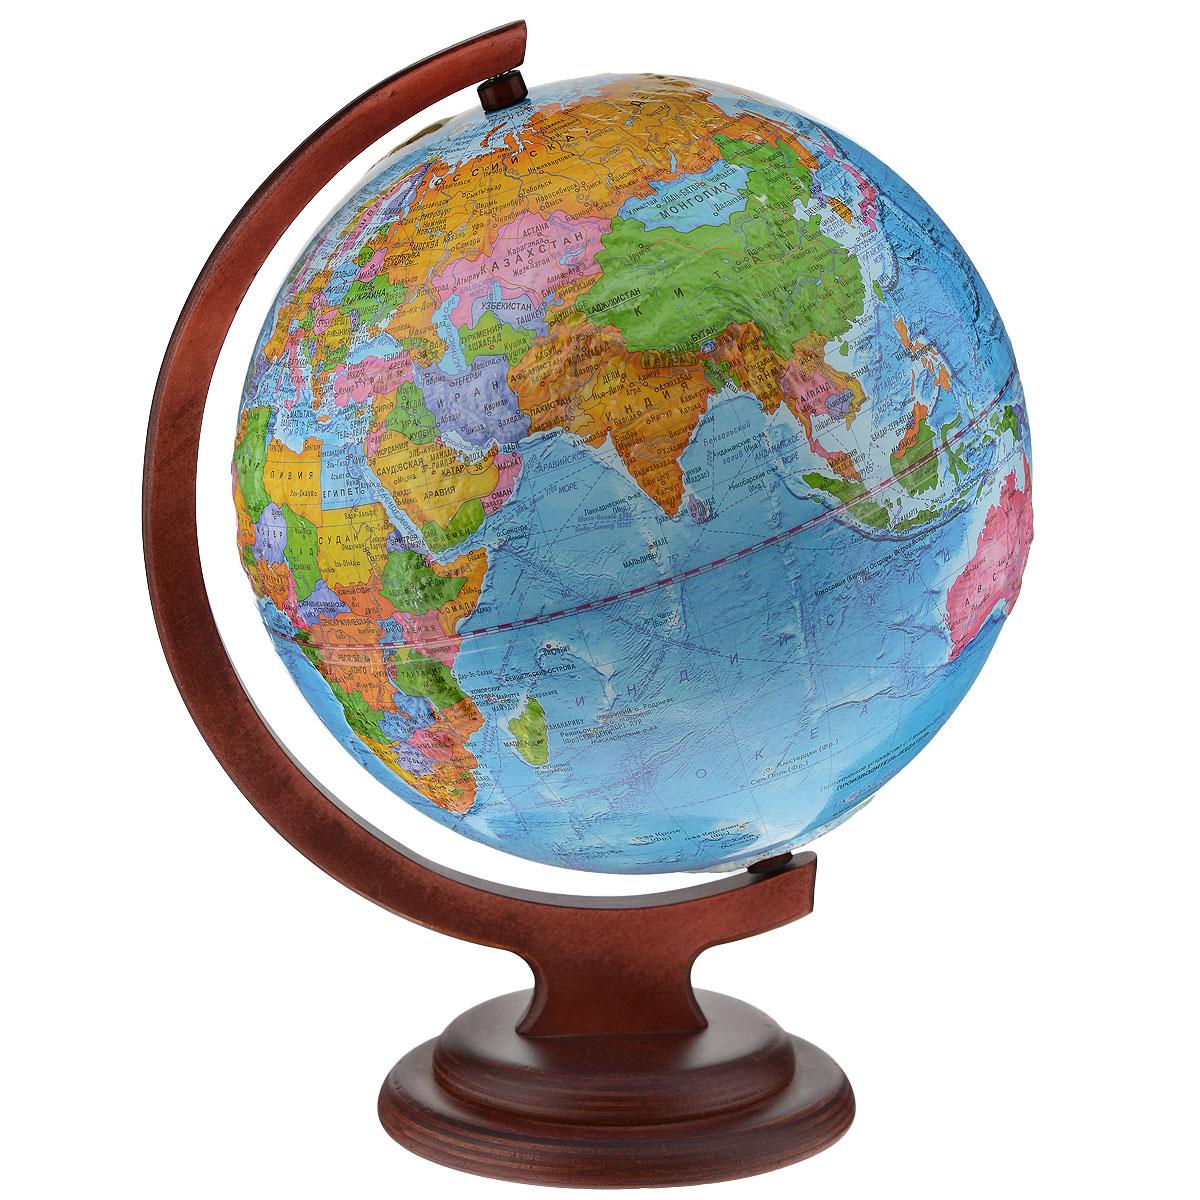 Глобусный мир Глобус с политической картой мира, рельефный, диаметр 25 см, на деревянной подставкеFS-00897Глобус с политической картой мира Глобусный мир, изготовленный из высококачественного прочного пластика, показывает страны мира, сухопутные и морские границы того или иного государства, расположение городов и населенных пунктов. На нем отображены картографические линии: параллели и меридианы, а также градусы и условные обозначения. Каждая страна обозначена своим цветом. Глобус с политической картой мира станет незаменимым атрибутом обучения не только школьника, но и студента. Названия стран на глобусе приведены на русской язык. Изделие расположено на красивой деревянной подставке, что придает этой модели подарочный вид. Настольный глобус Глобусный мир станет оригинальным украшением рабочего стола или вашего кабинета. Это изысканная вещь для стильного интерьера, которая станет прекрасным подарком для современного преуспевающего человека, следующего последним тенденциям моды и стремящегося к элегантности и комфорту в каждой детали.Масштаб: 1:50 000 000.